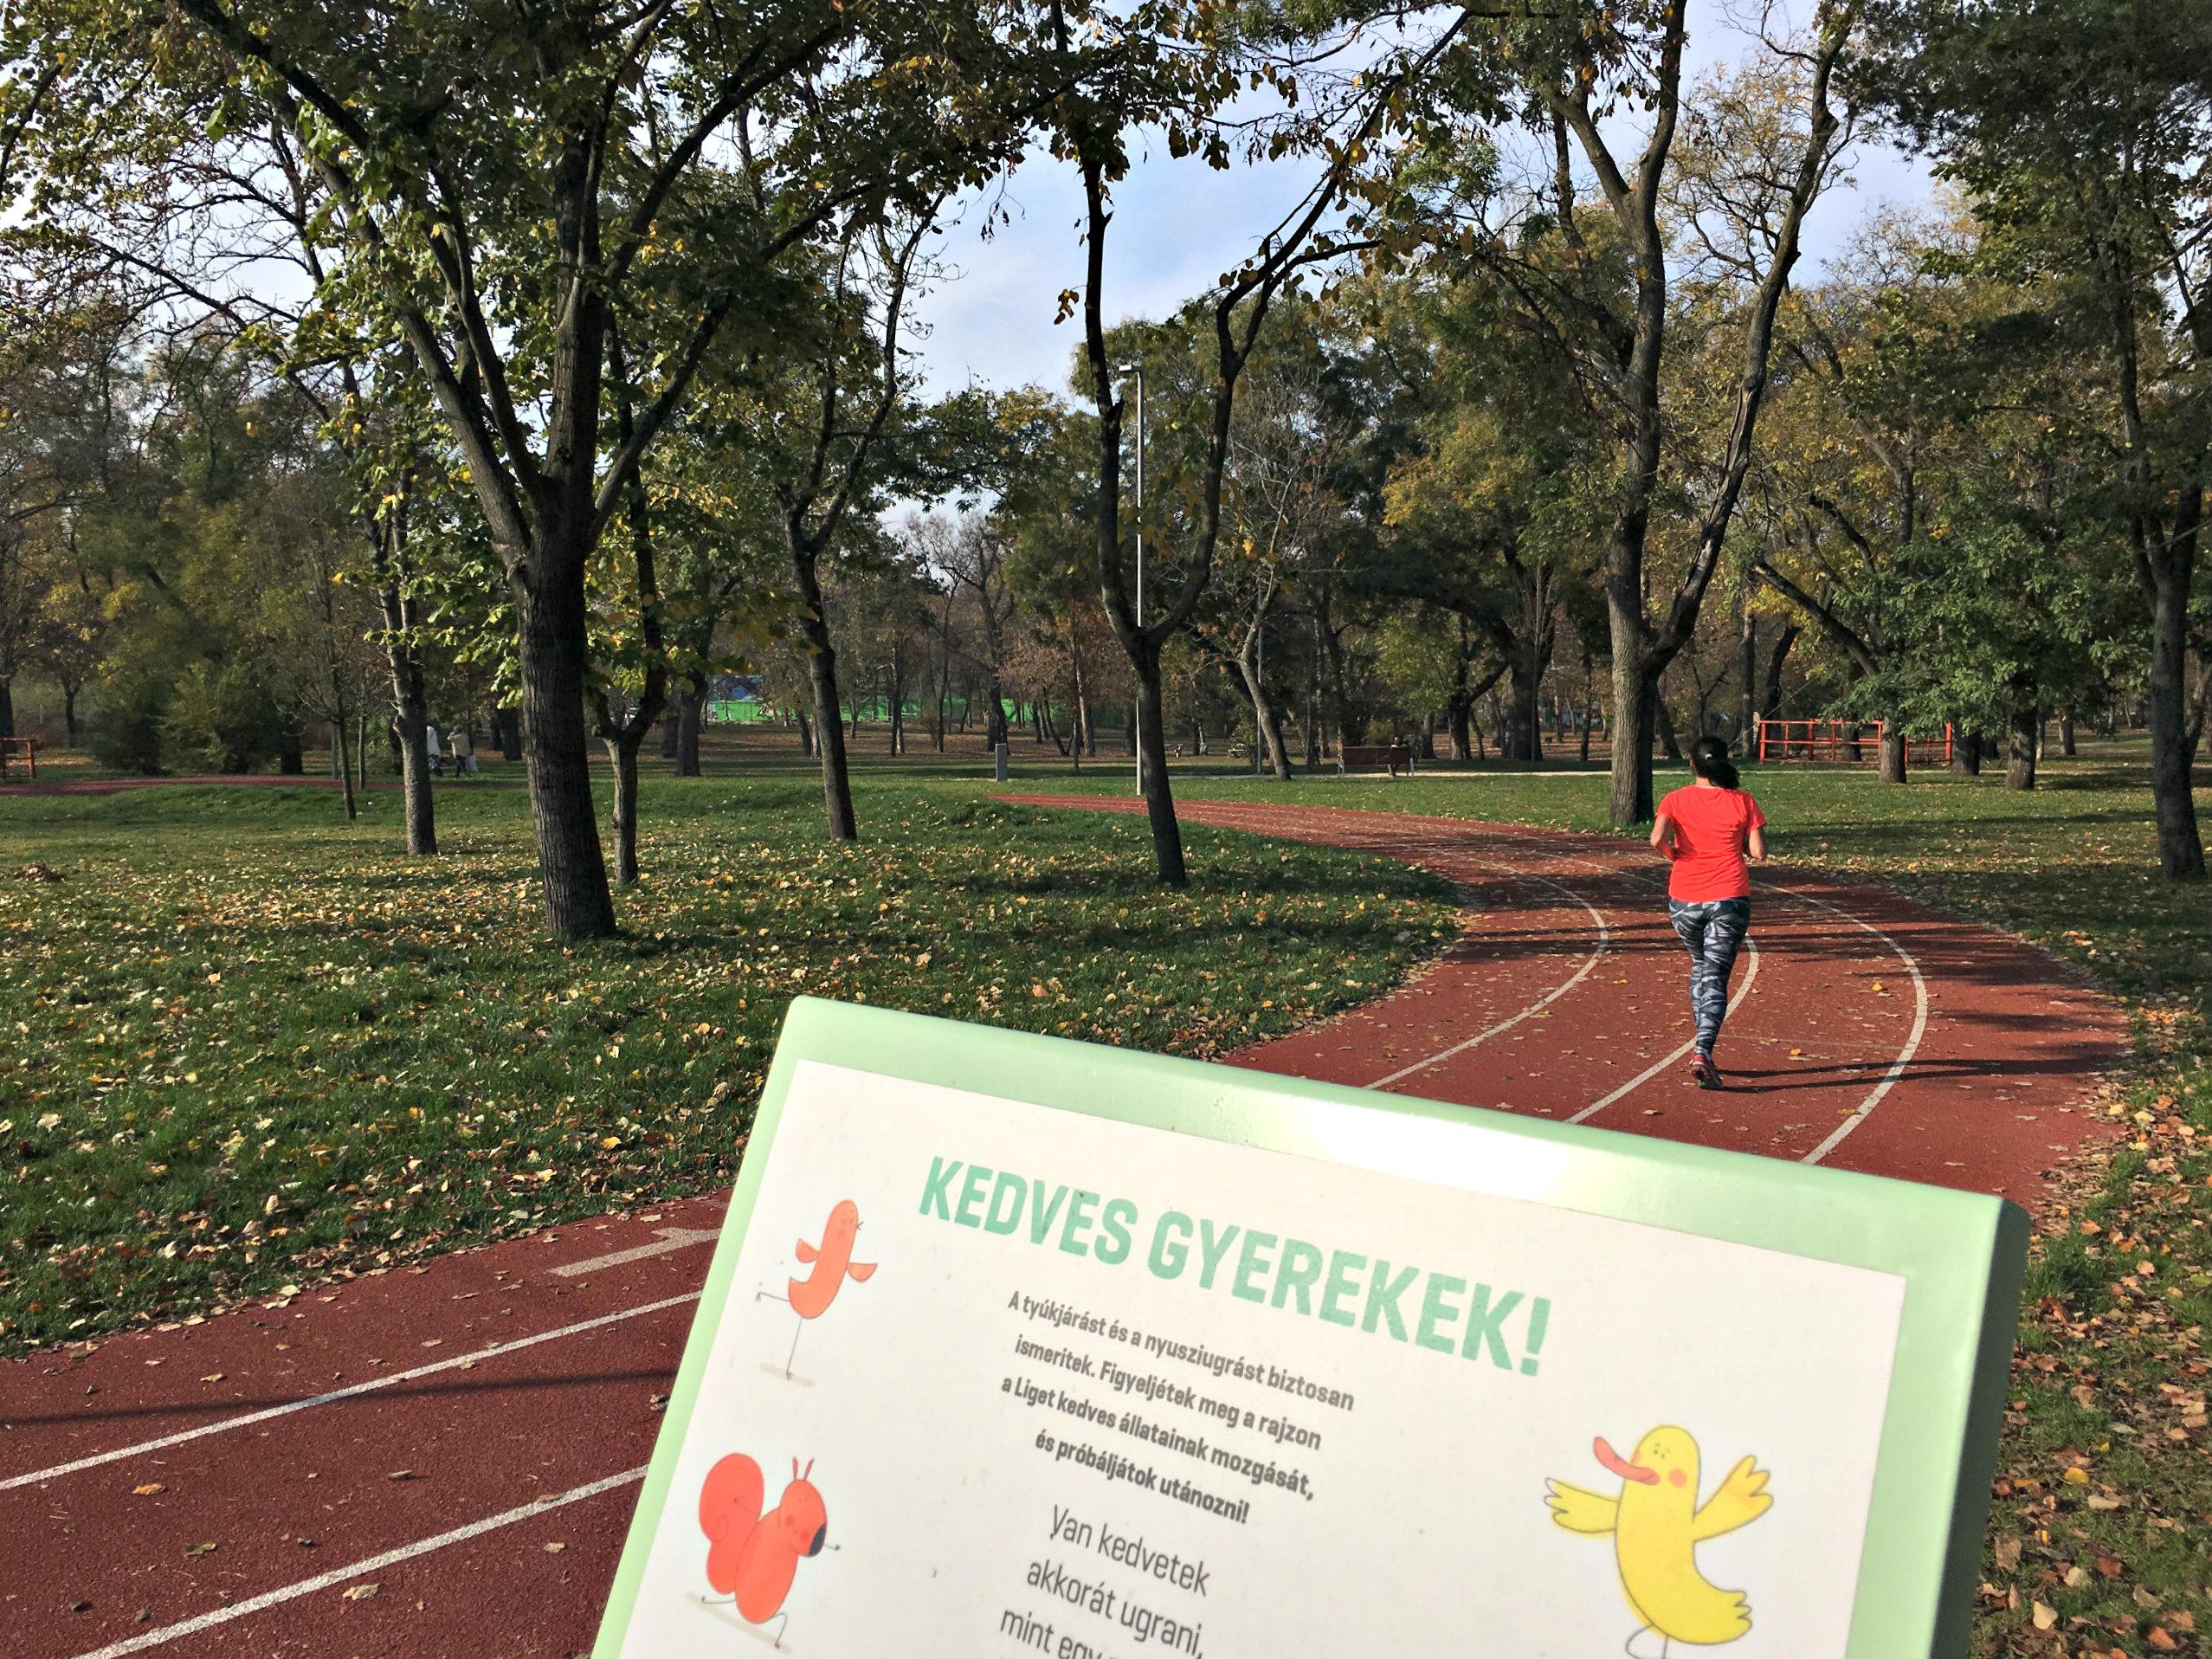 Sportpályával kapcsolatos első észrevételünk, hogy vajon iskoláscsoportokon túl hasznos-e bárkinek egy ilyen kicsi futókör.